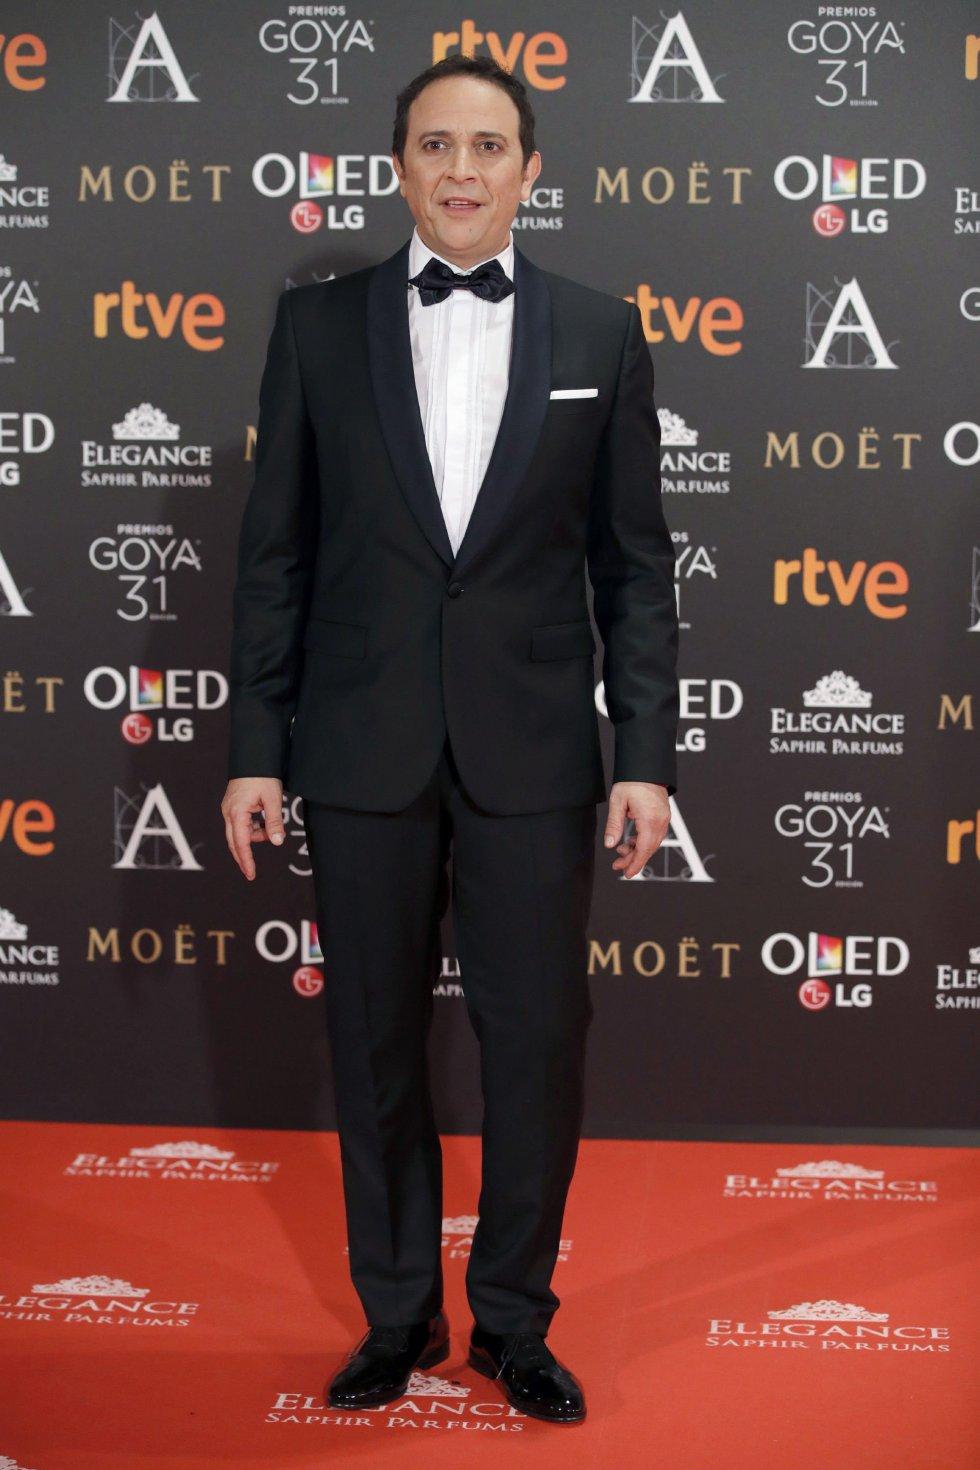 El actor Luis Callejo